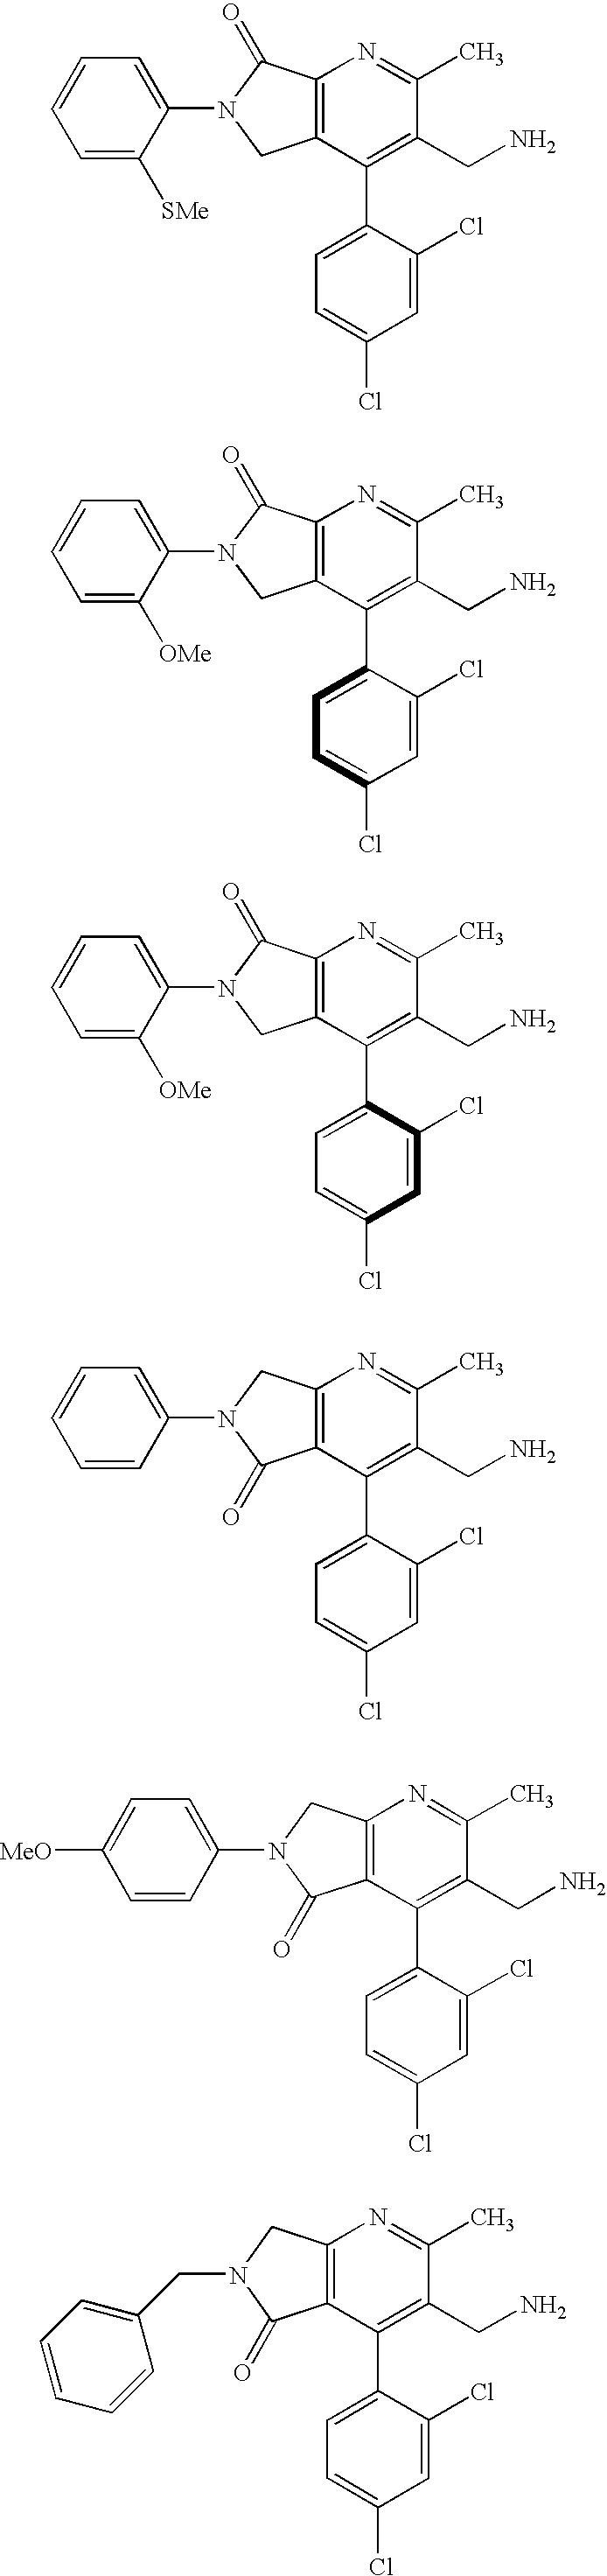 Figure US07521557-20090421-C00006